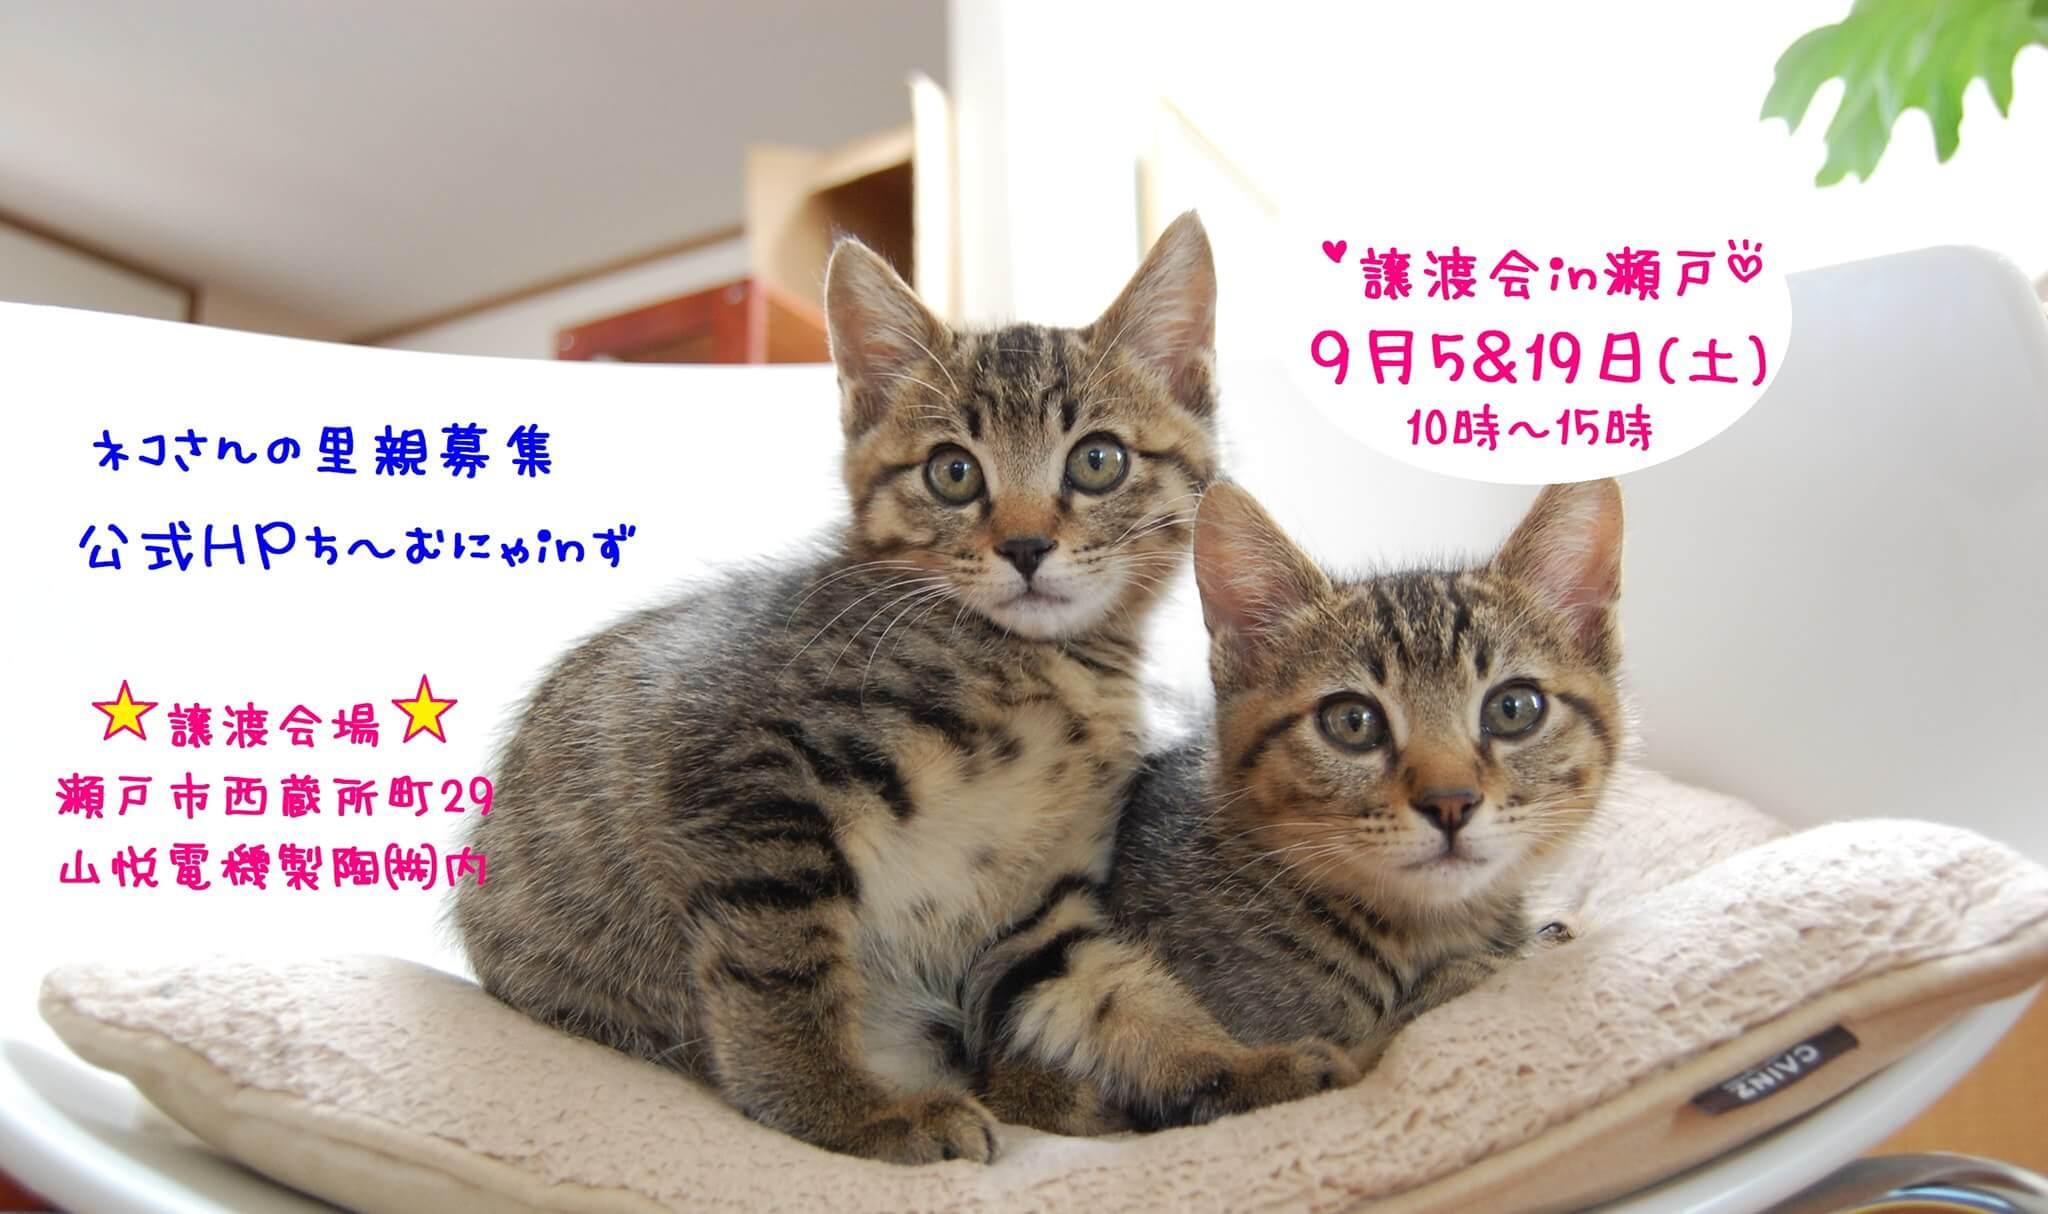 猫の譲渡会 IN 瀬戸 ~ ちーむにゃいんず 2020年9月05日&19日開催